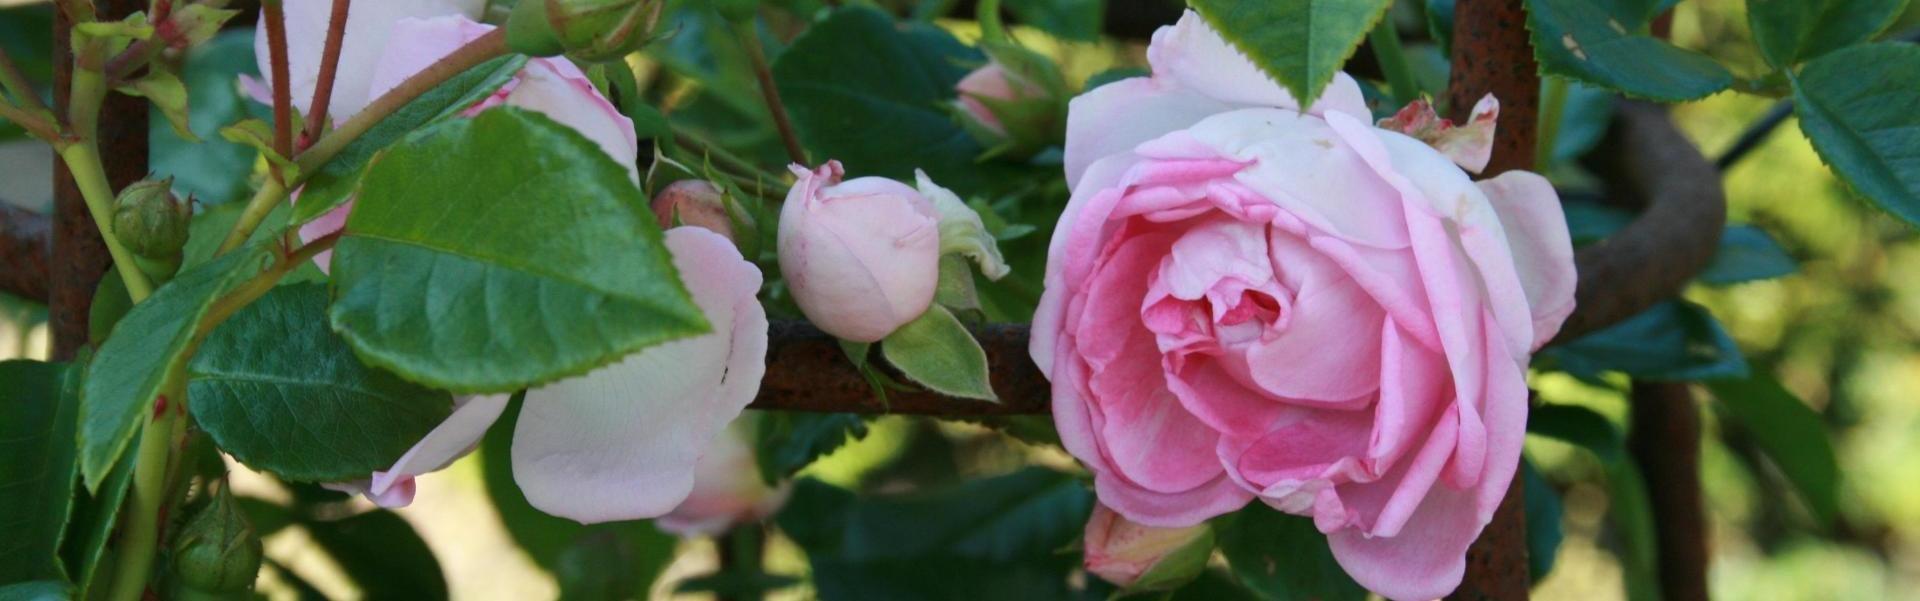 Afskårne Roser roser og slyngplanter - hesselbækgaard havecenter